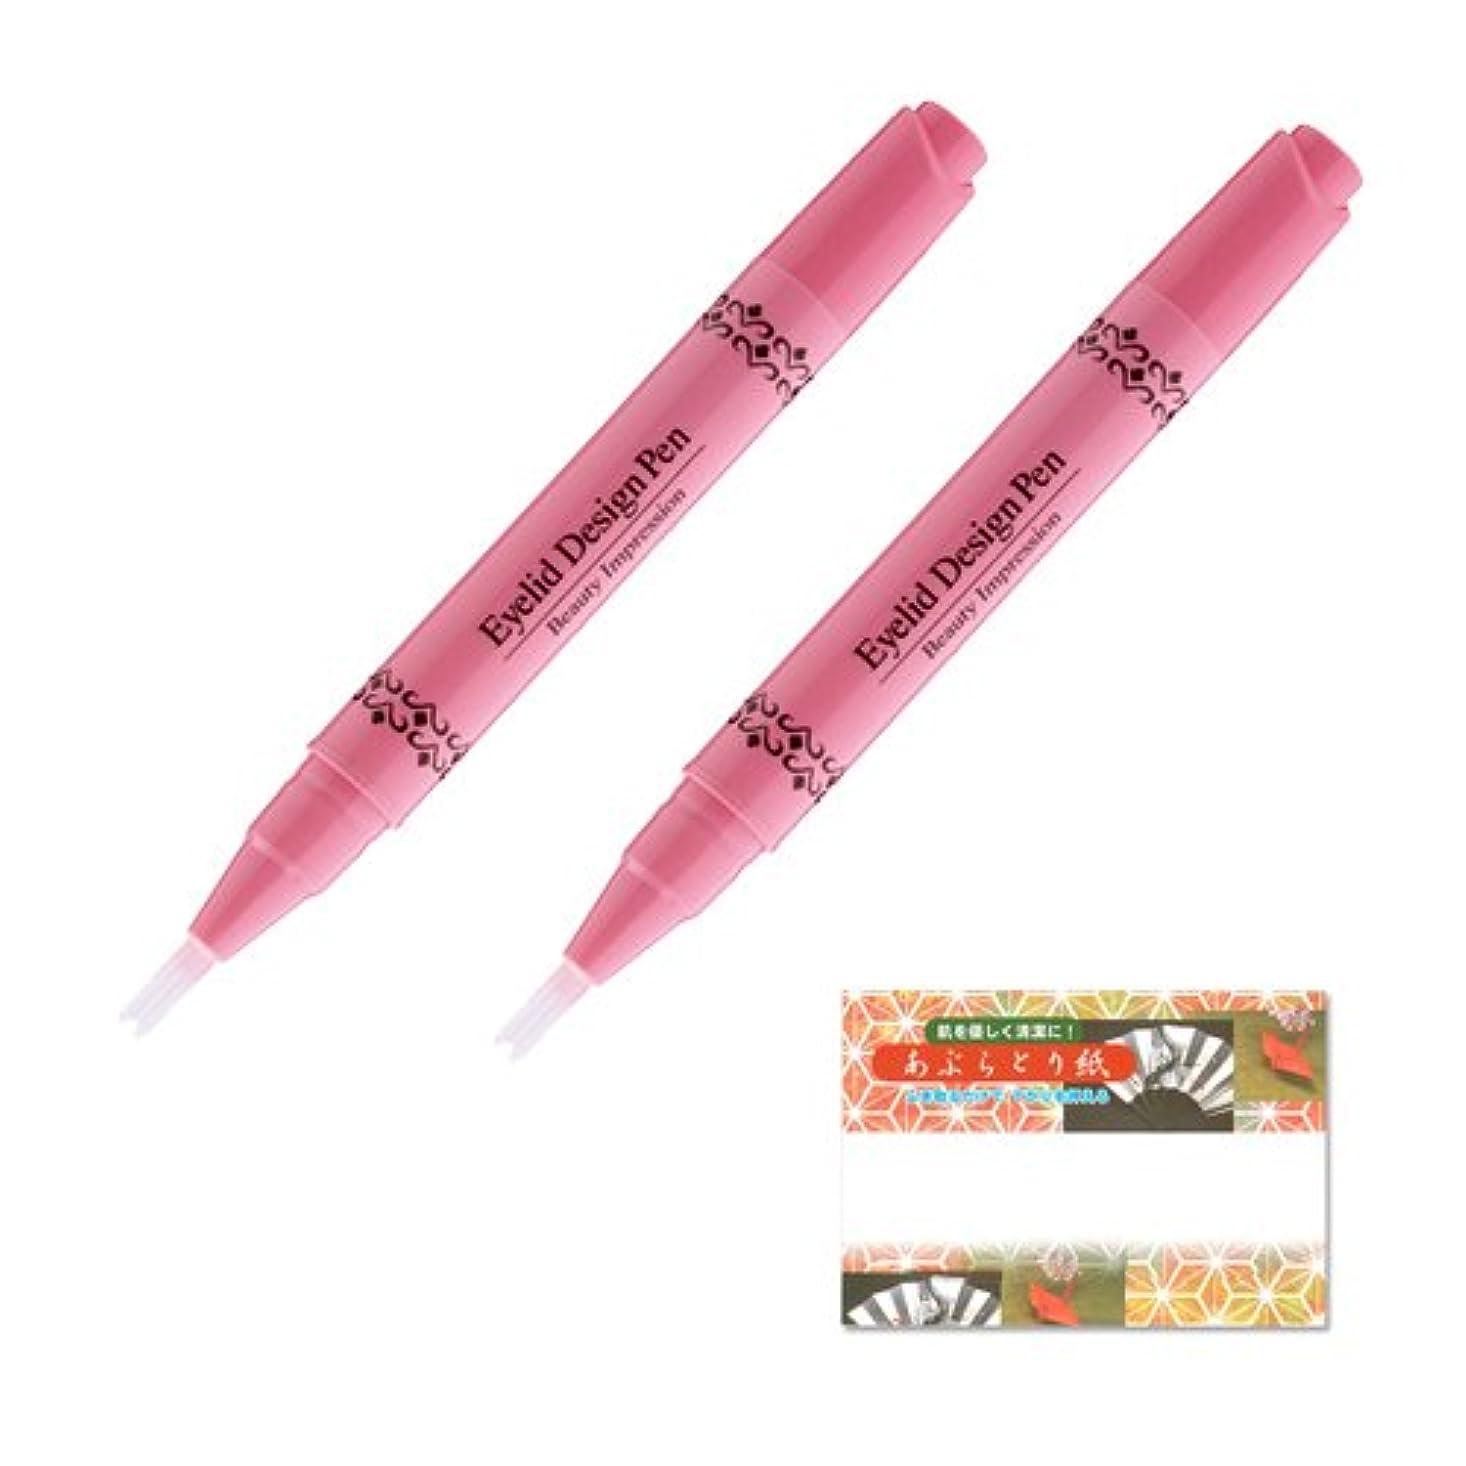 永続ギャザー統計Beauty Impression アイリッドデザインペン 2ml (二重まぶた形成化粧品) ×2組 油取り紙のセット